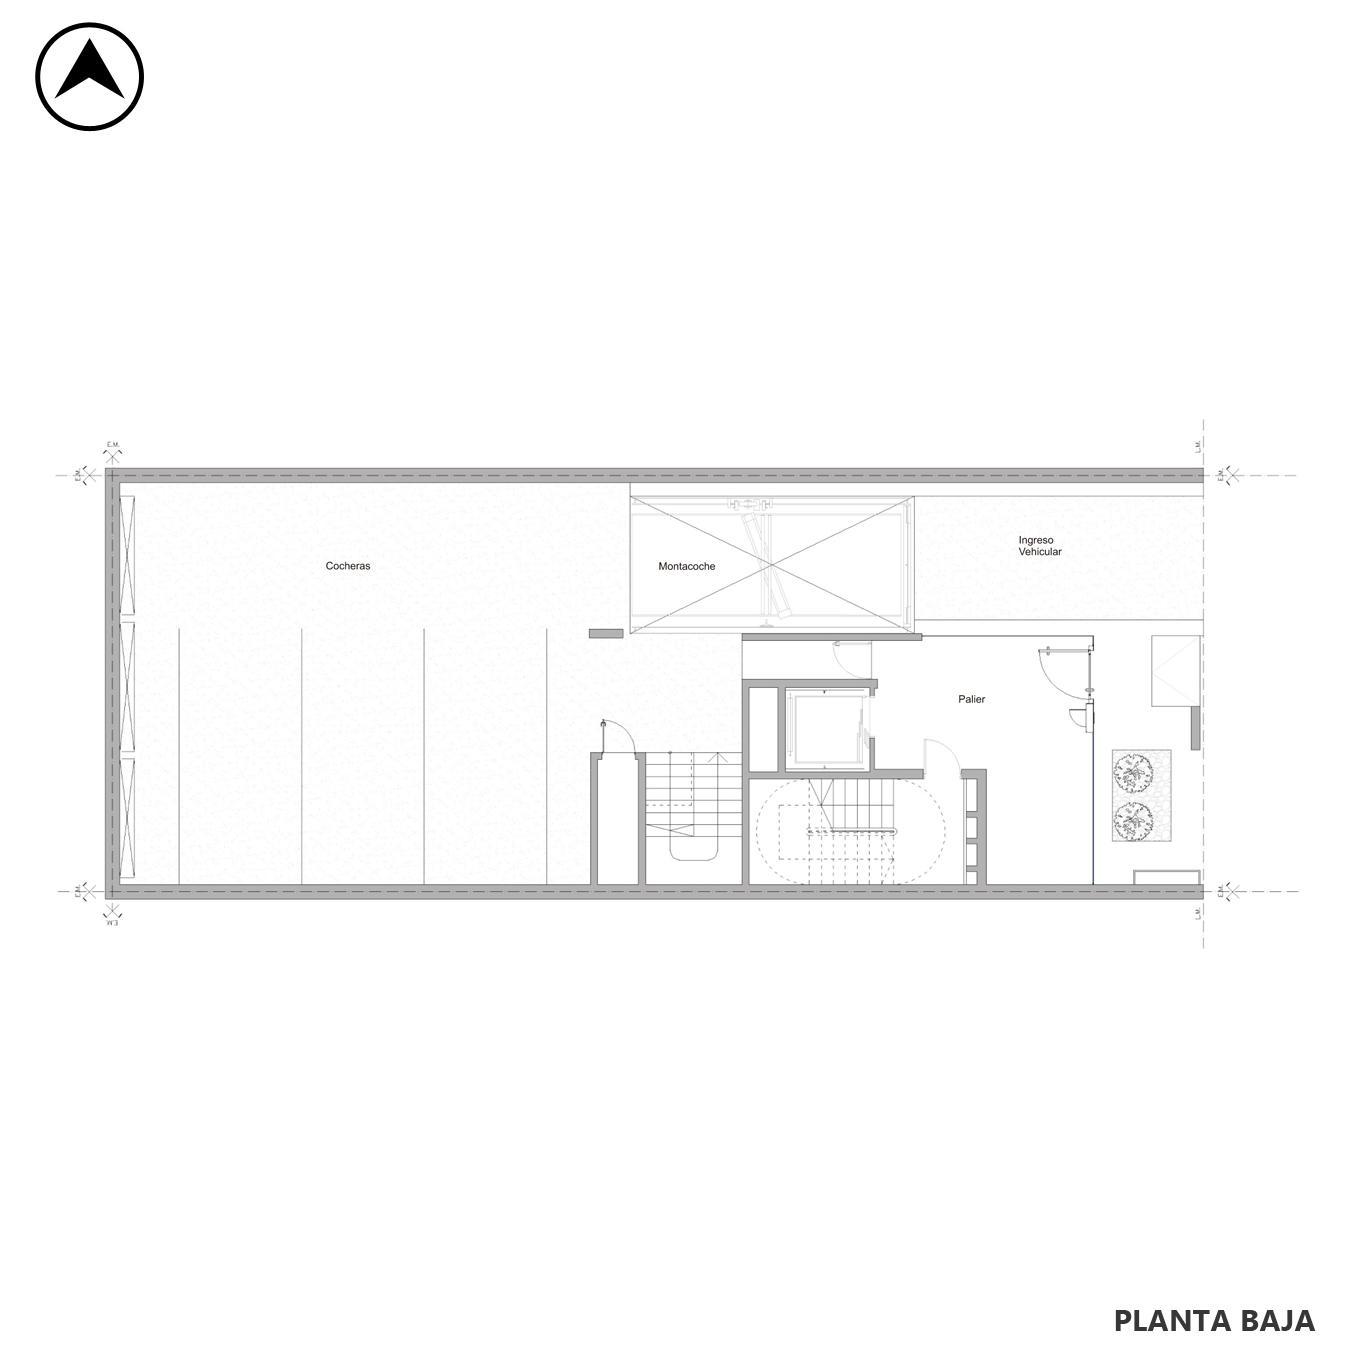 Venta departamento 3 dormitorios Rosario, Centro. Cod CBU23515 AP2212802. Crestale Propiedades